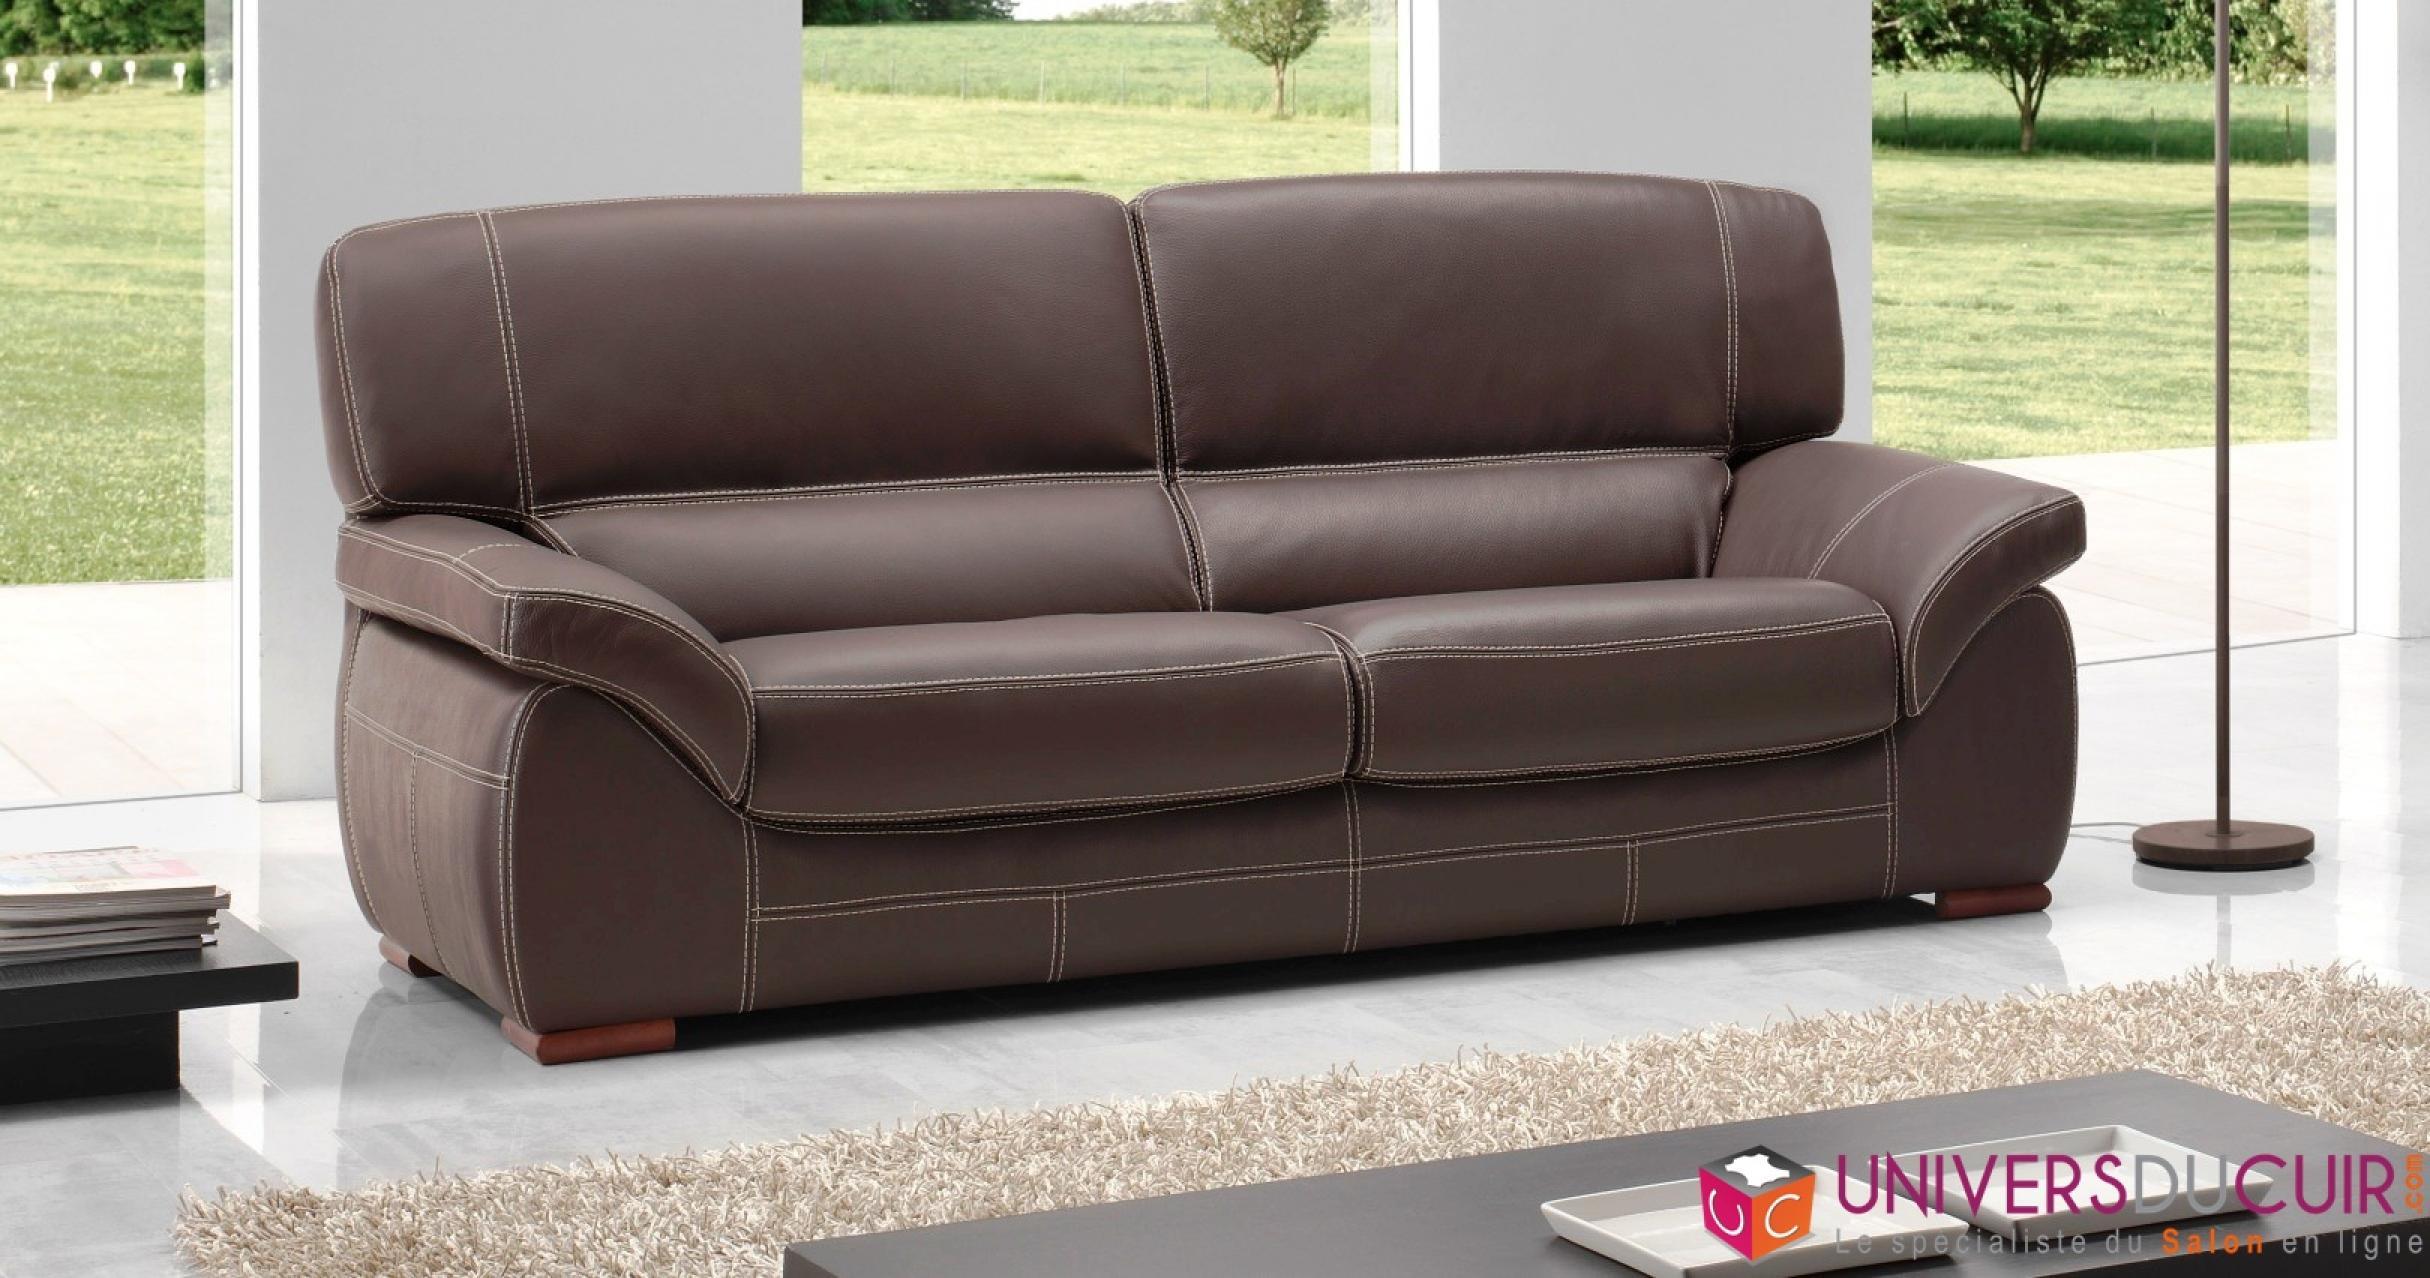 charmant nettoyer son canap unique design la maison nettoyage canape cuir blanc nouveau. Black Bedroom Furniture Sets. Home Design Ideas